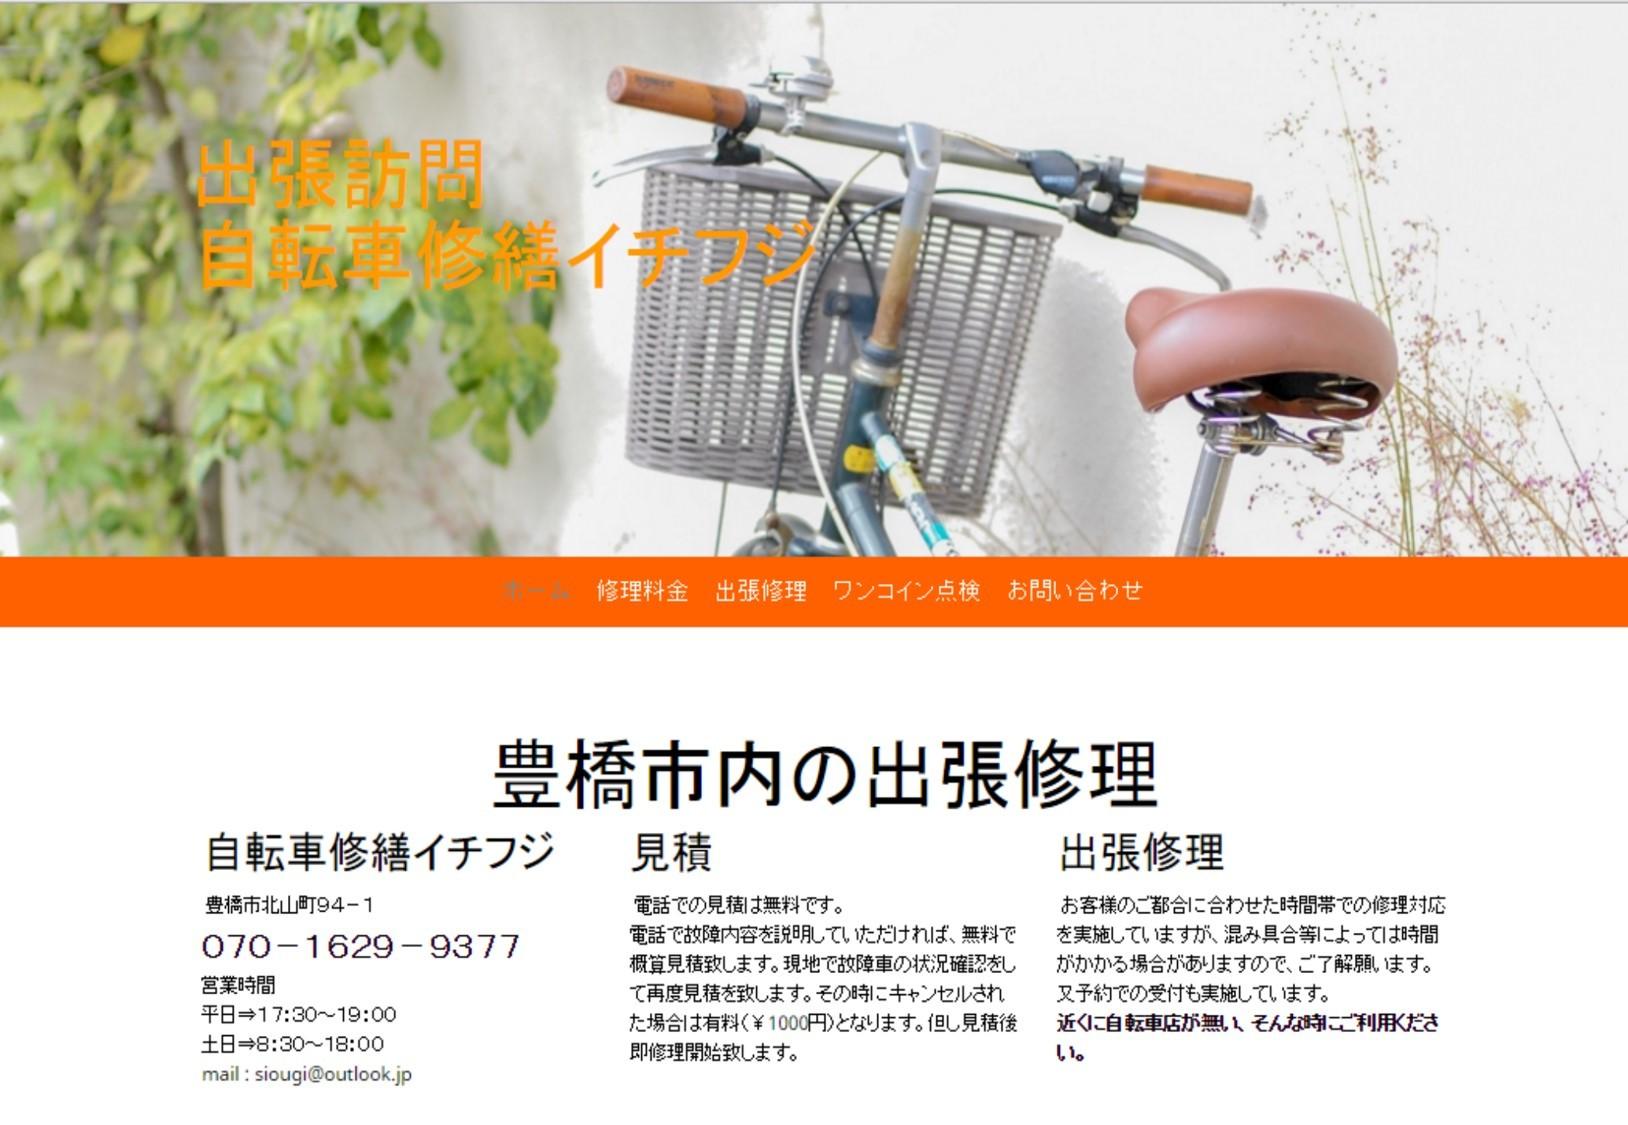 豊橋の自転車修理 イチフジ様